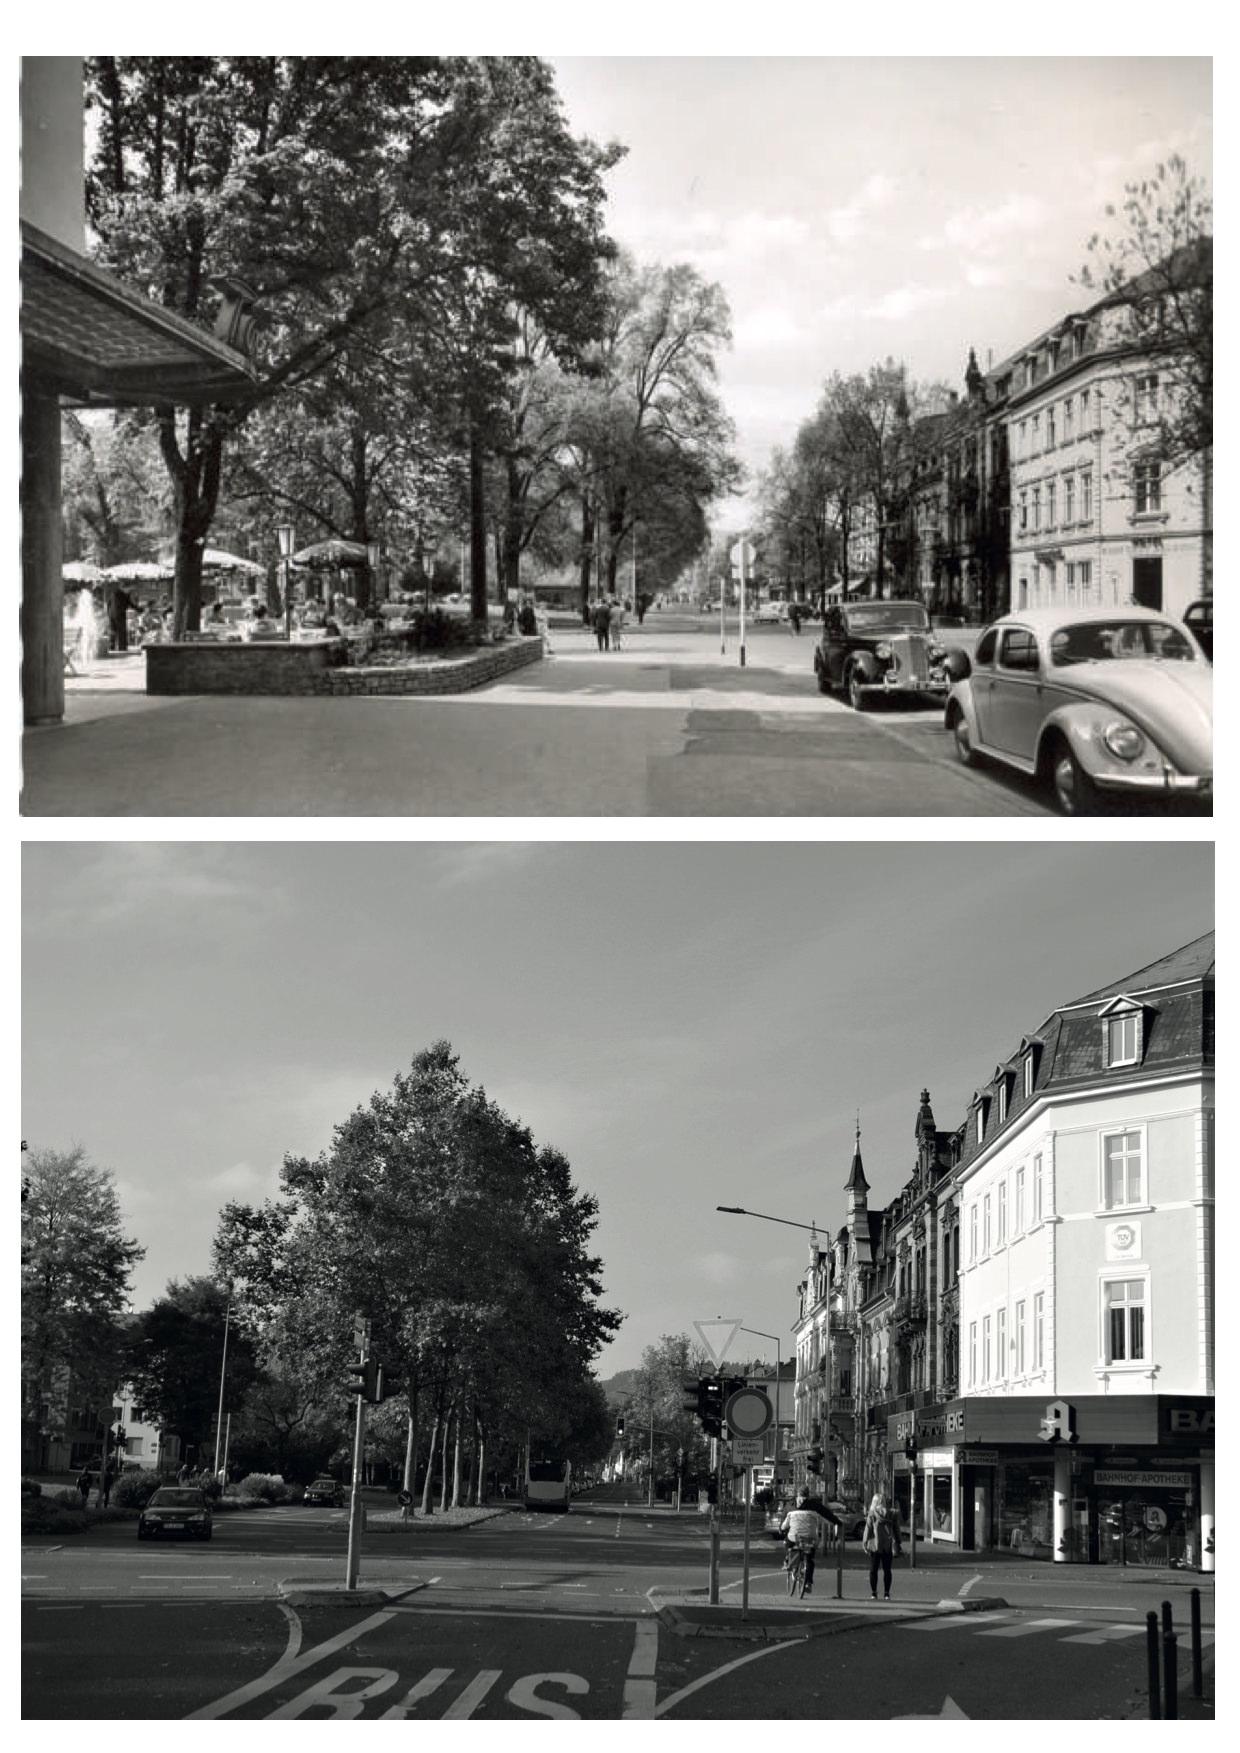 pl tze in deutschland 1950 und heute. Black Bedroom Furniture Sets. Home Design Ideas